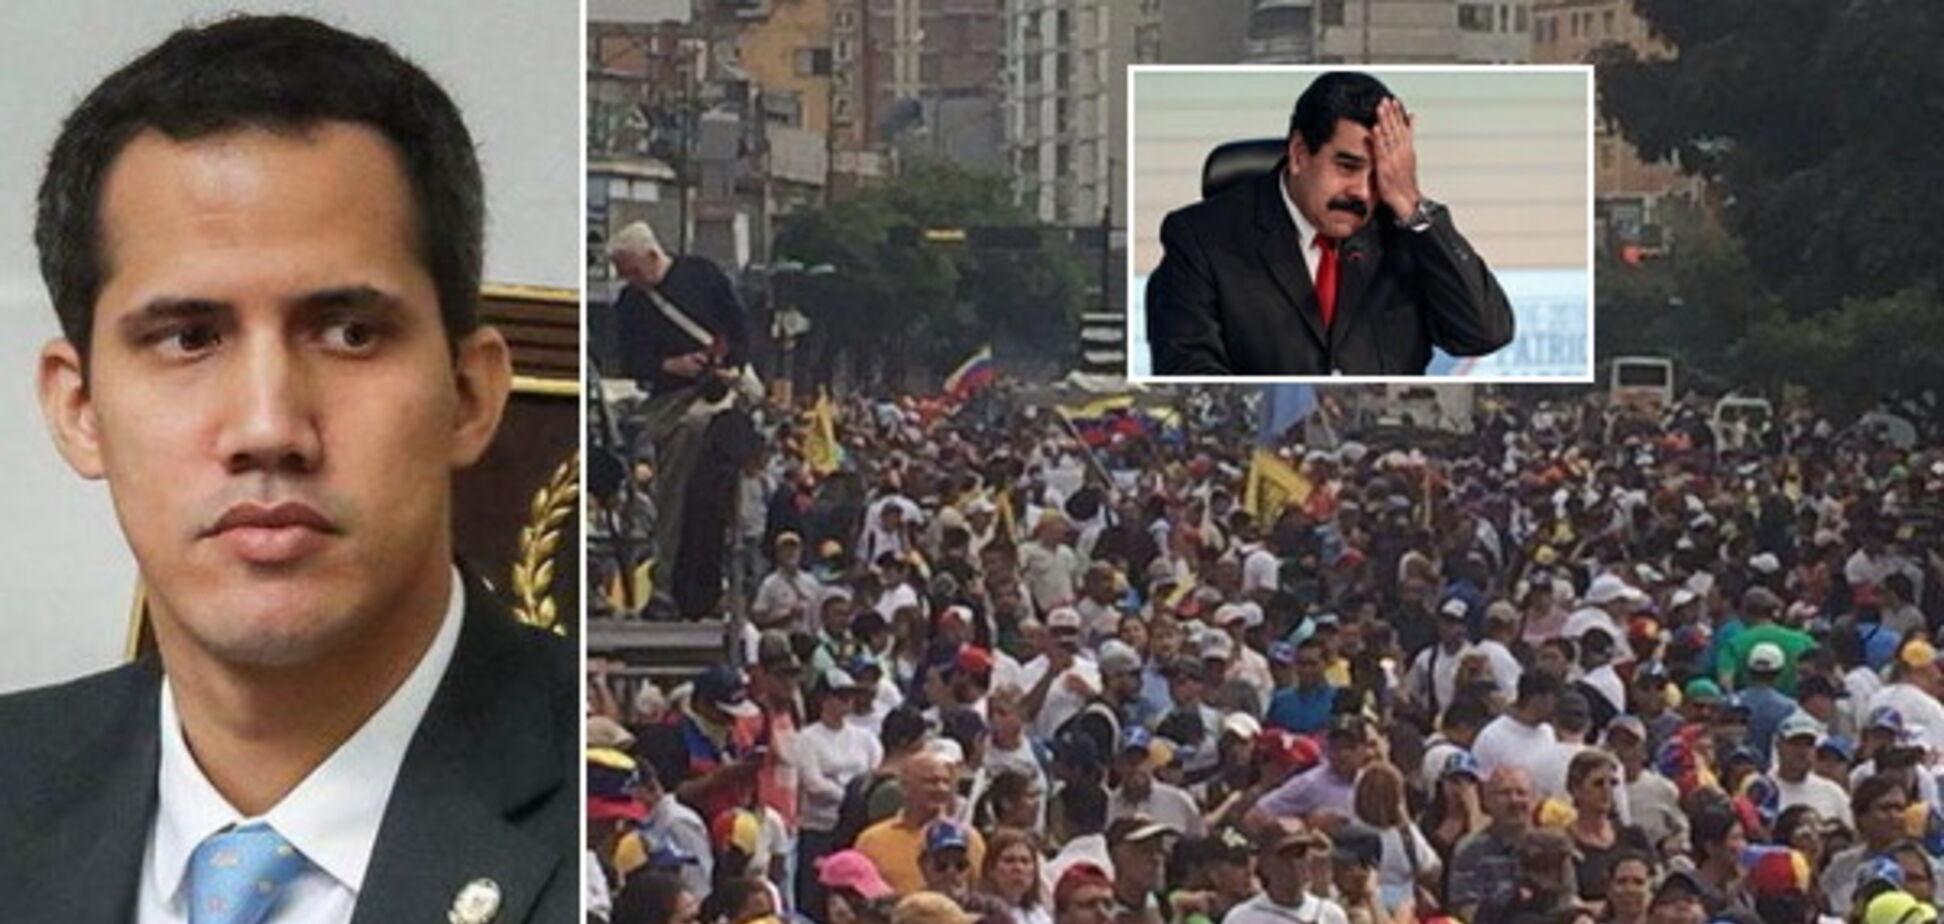 'Майдан' у Венесуелі скинув Мадуро: Трамп підтримав нового президента. Усі подробиці, фото і відео